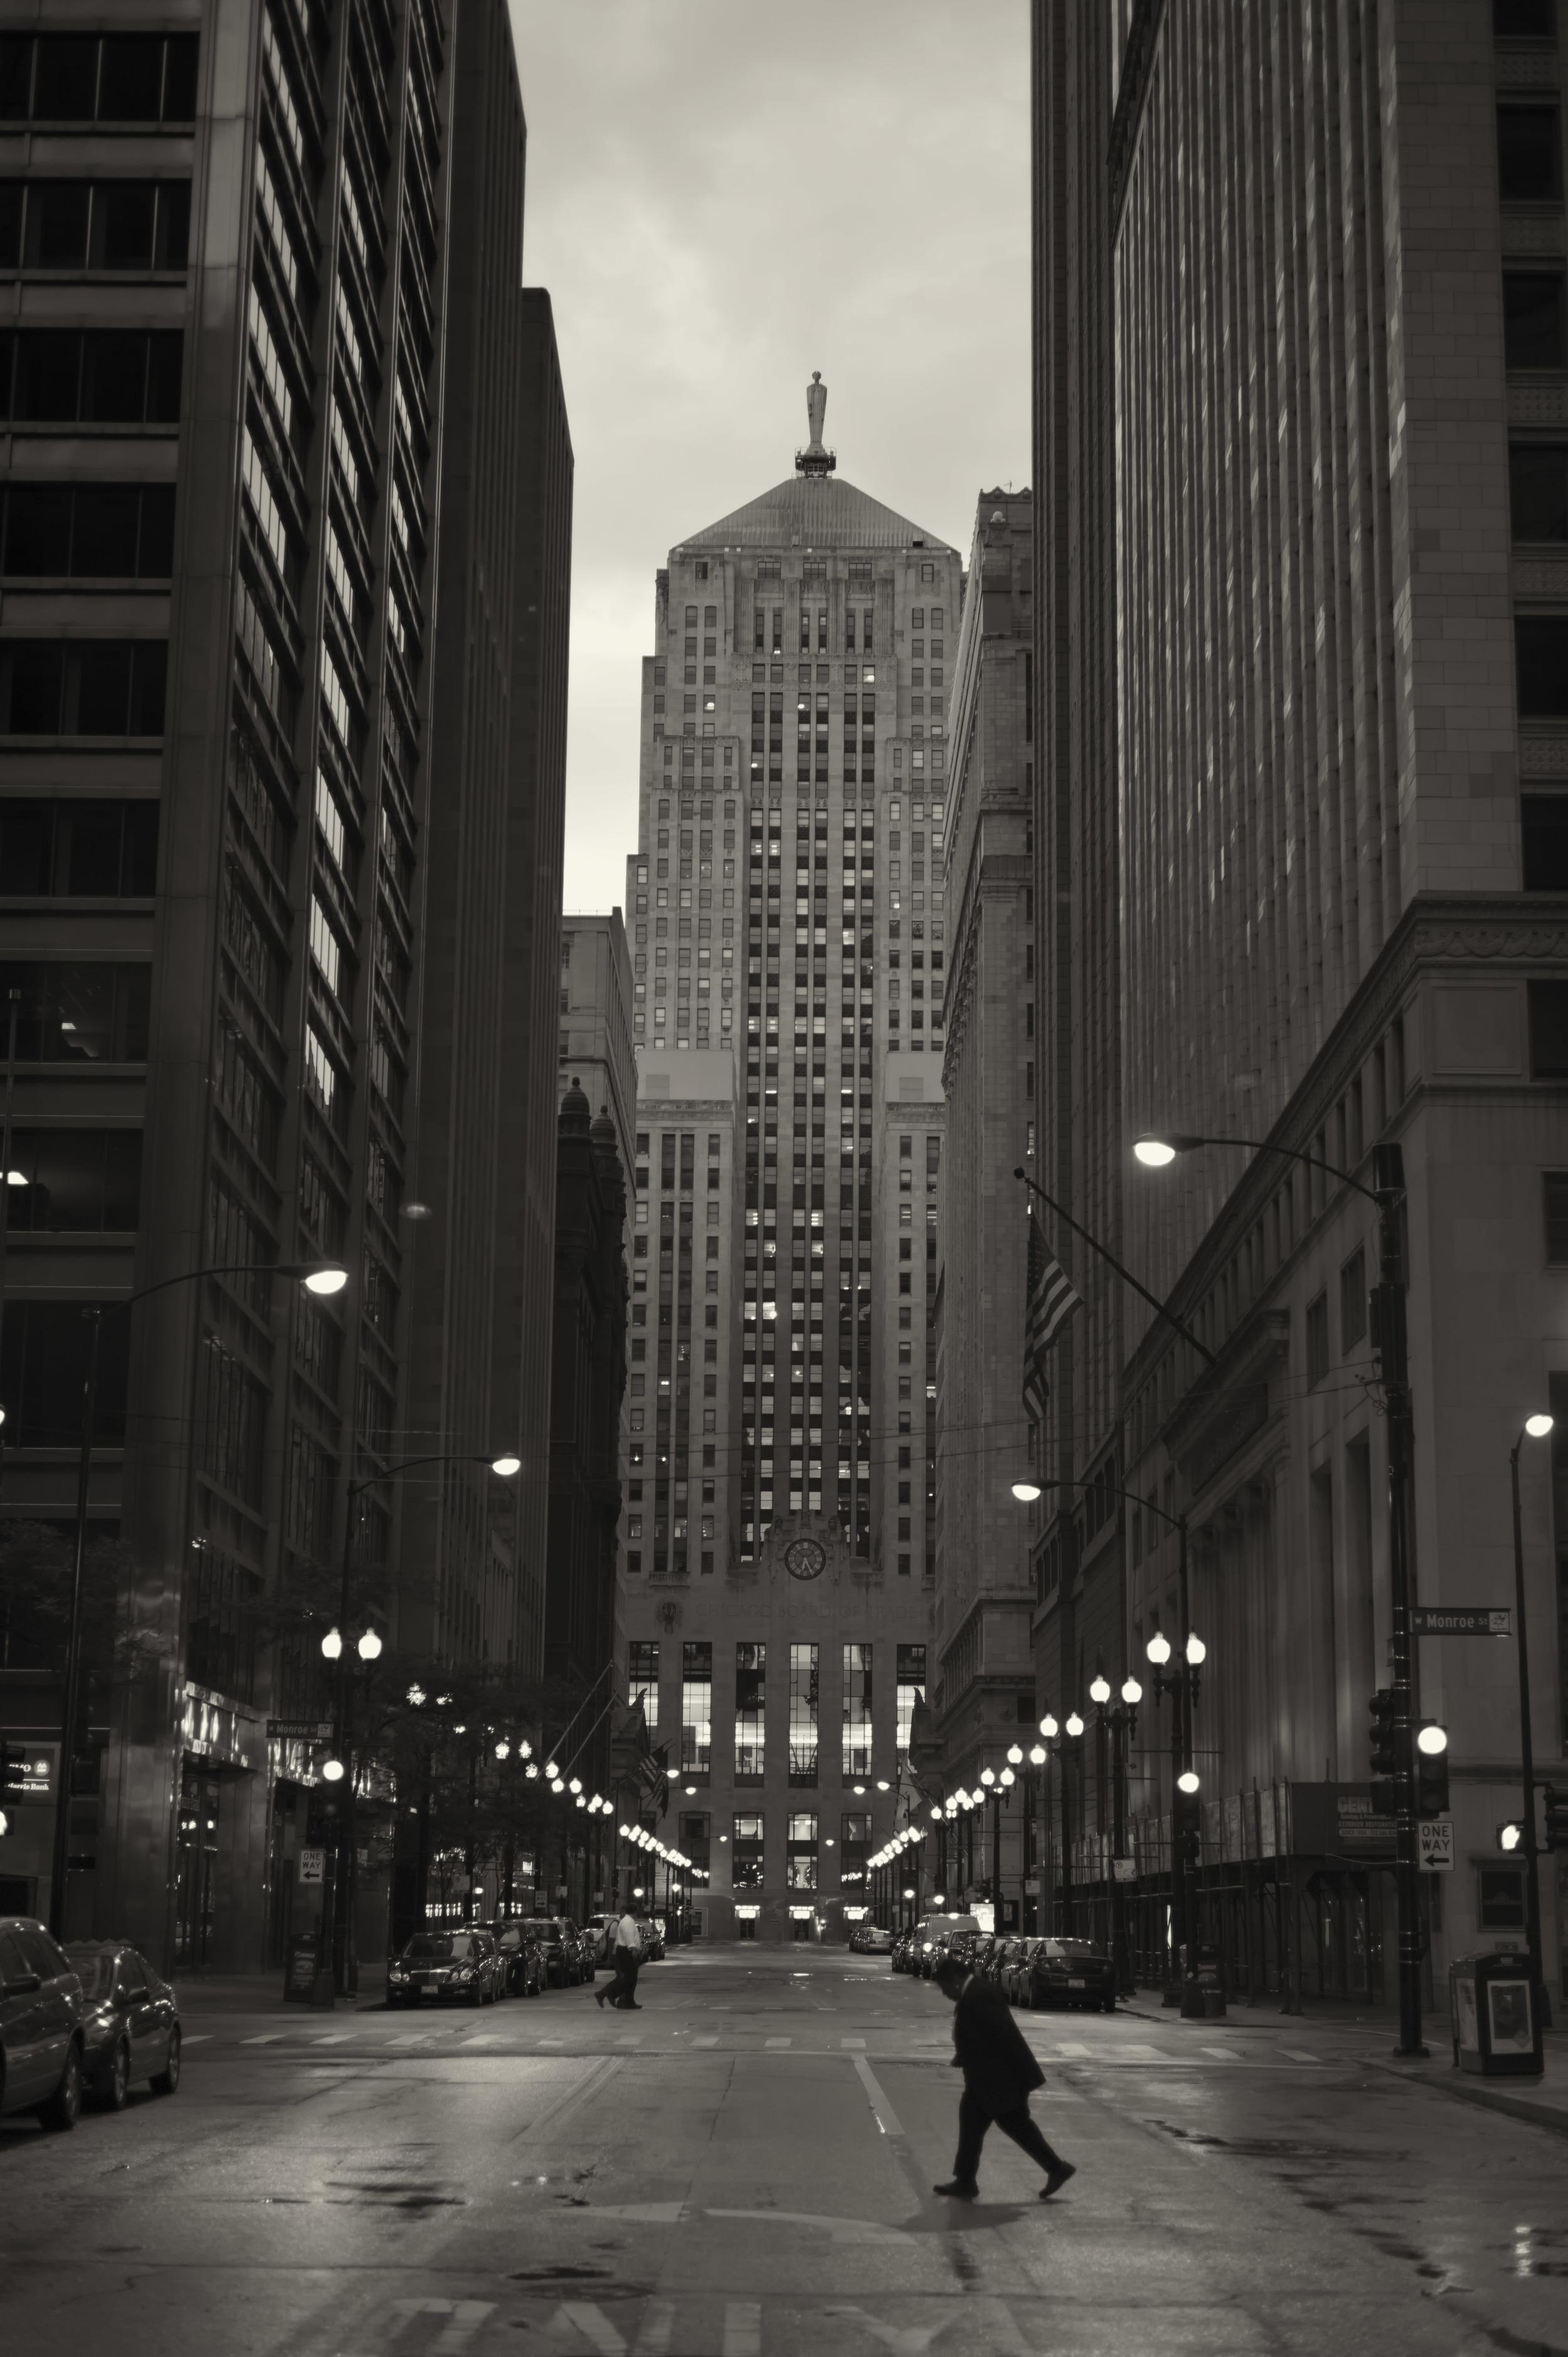 LaSalle_Street.jpg